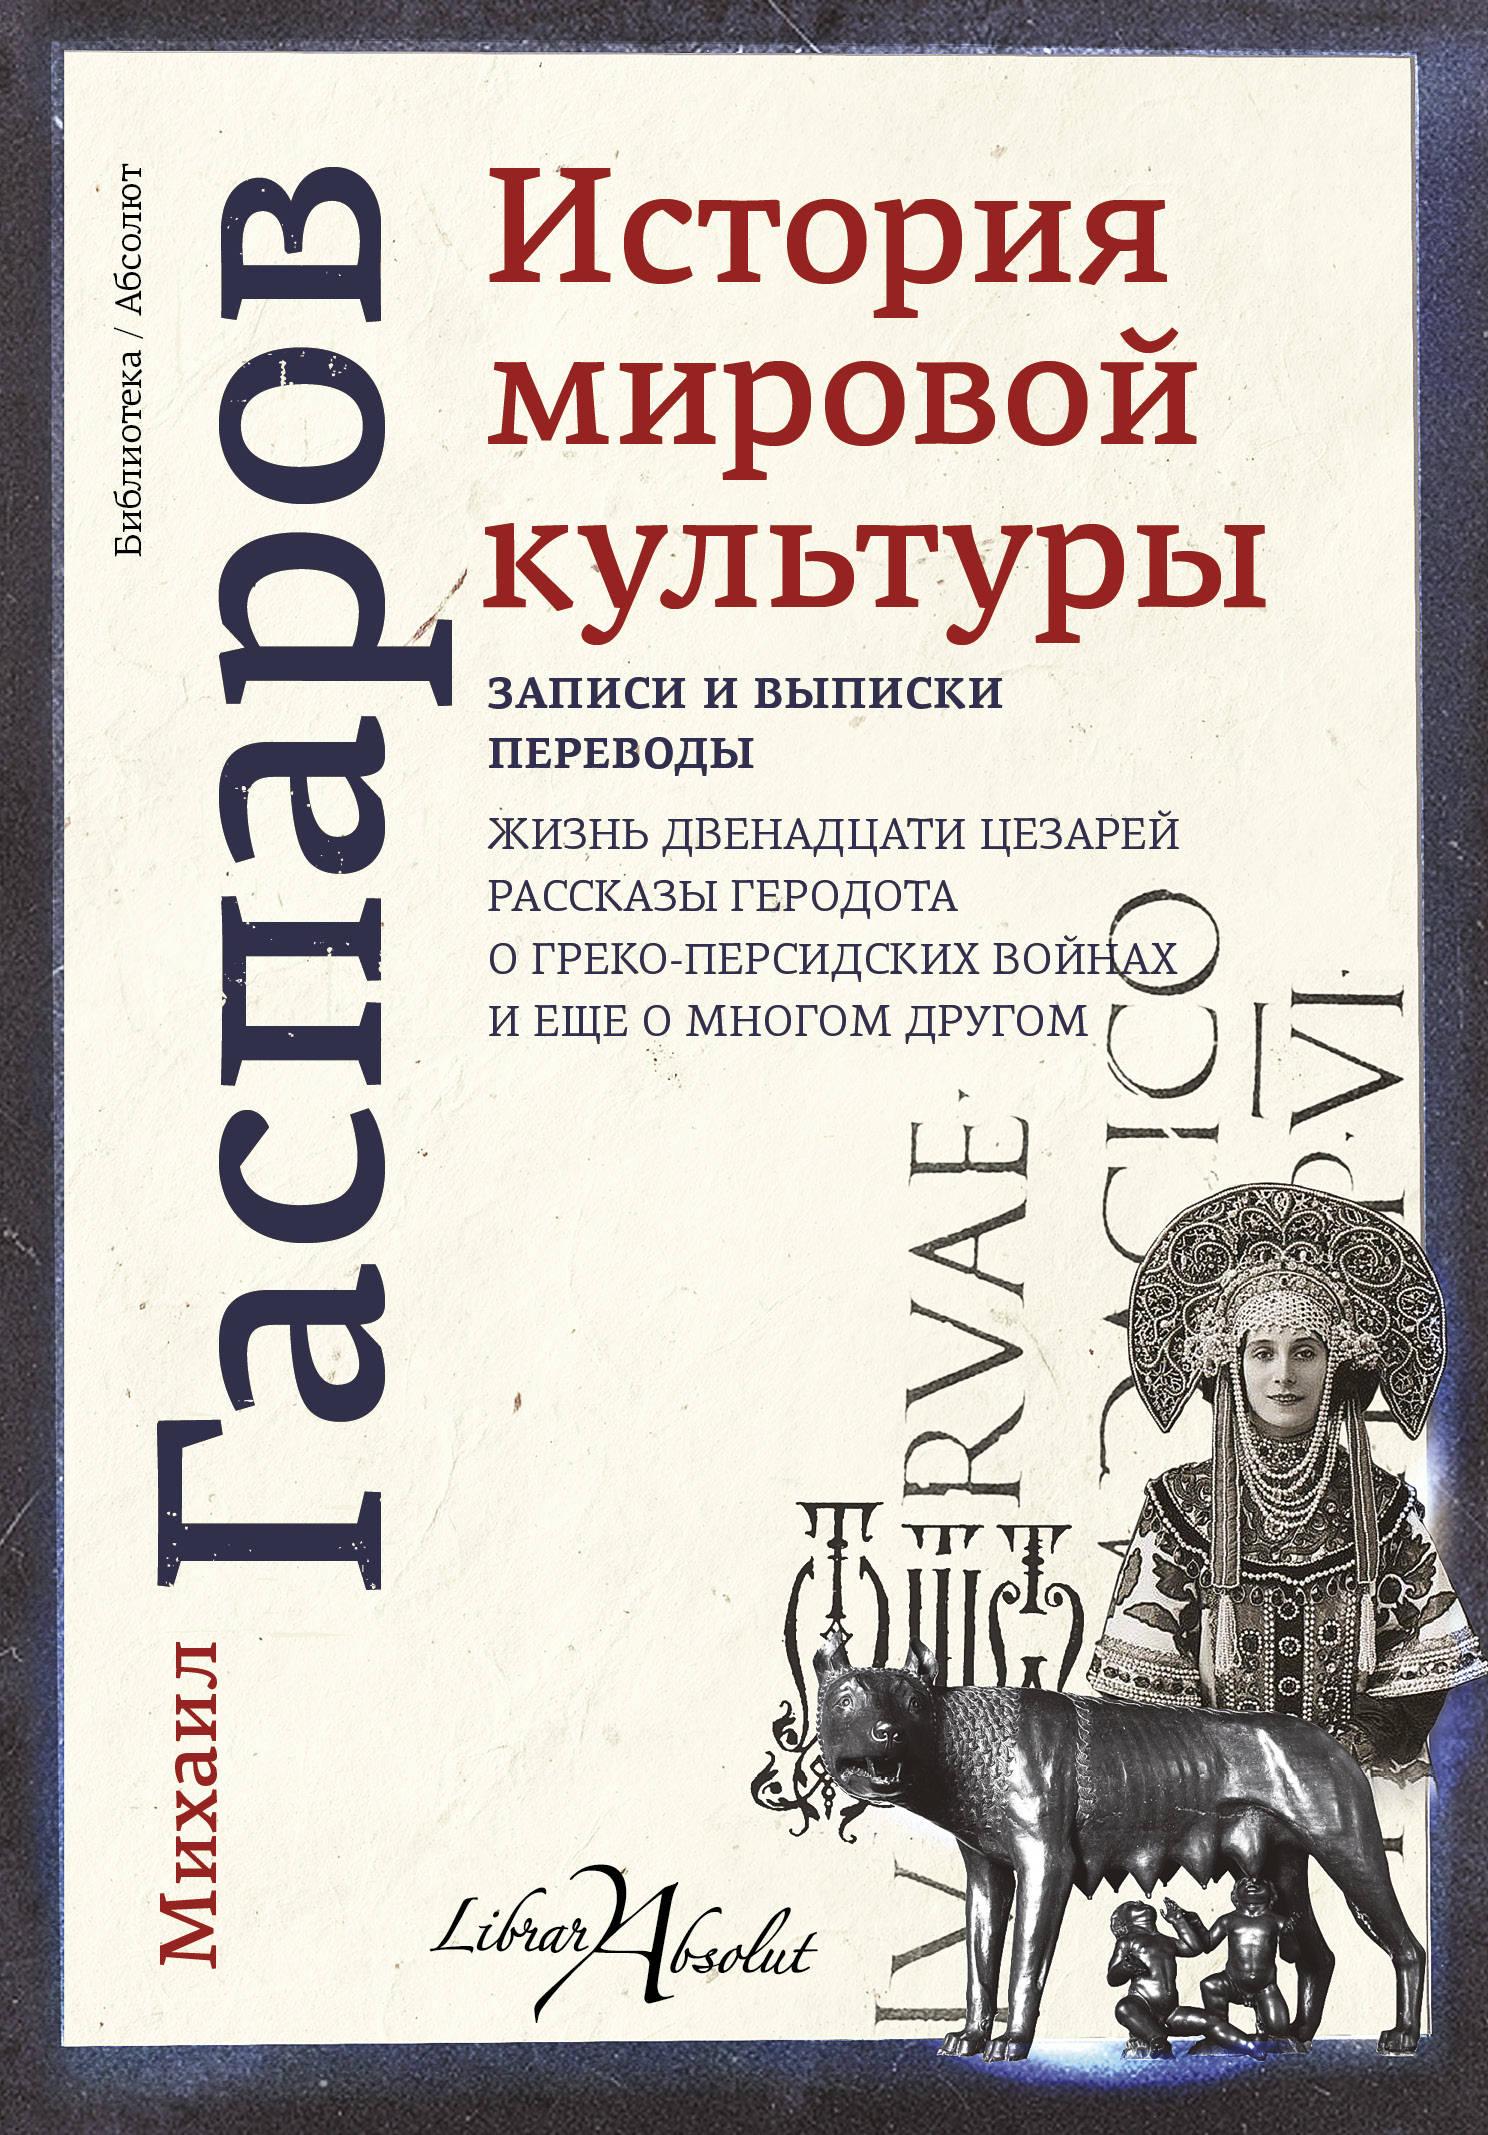 История мировой культуры ( Гаспаров М.Л.  )